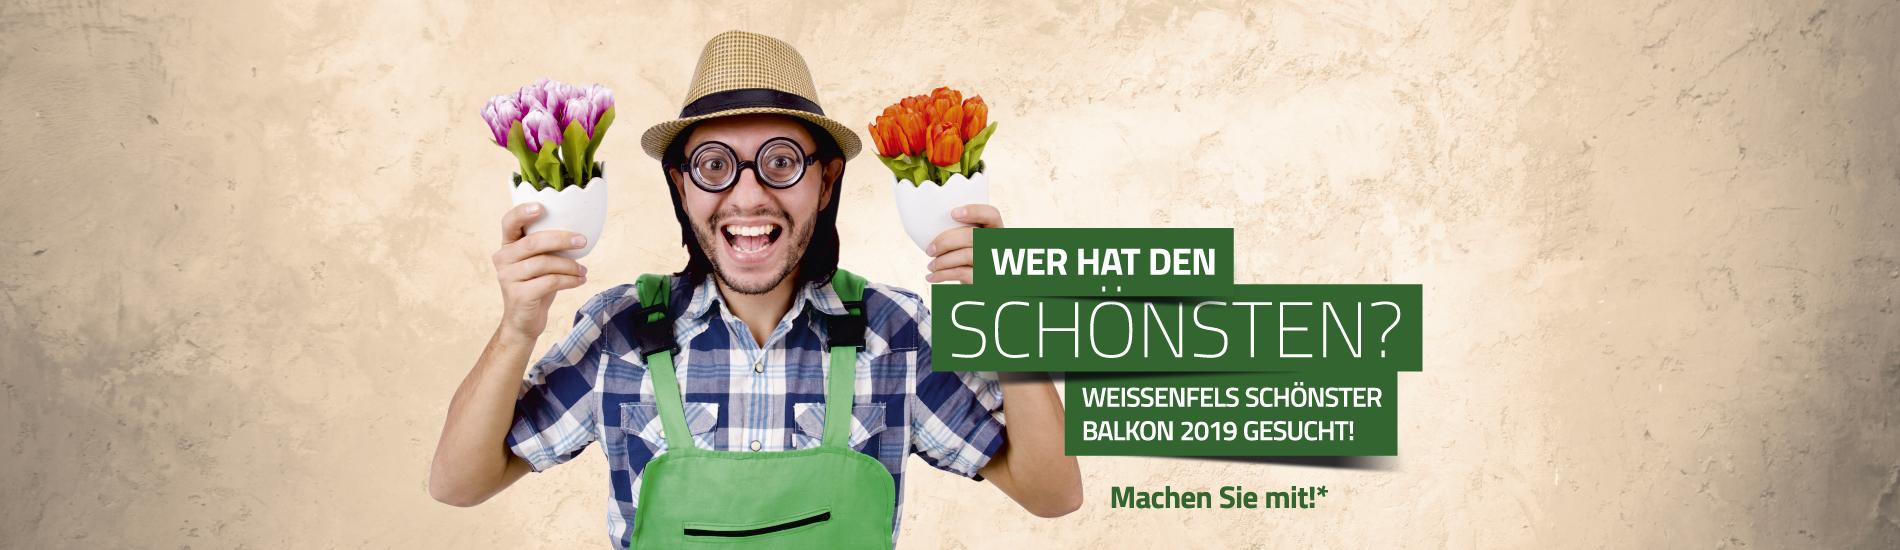 slider_balkon_2019-09